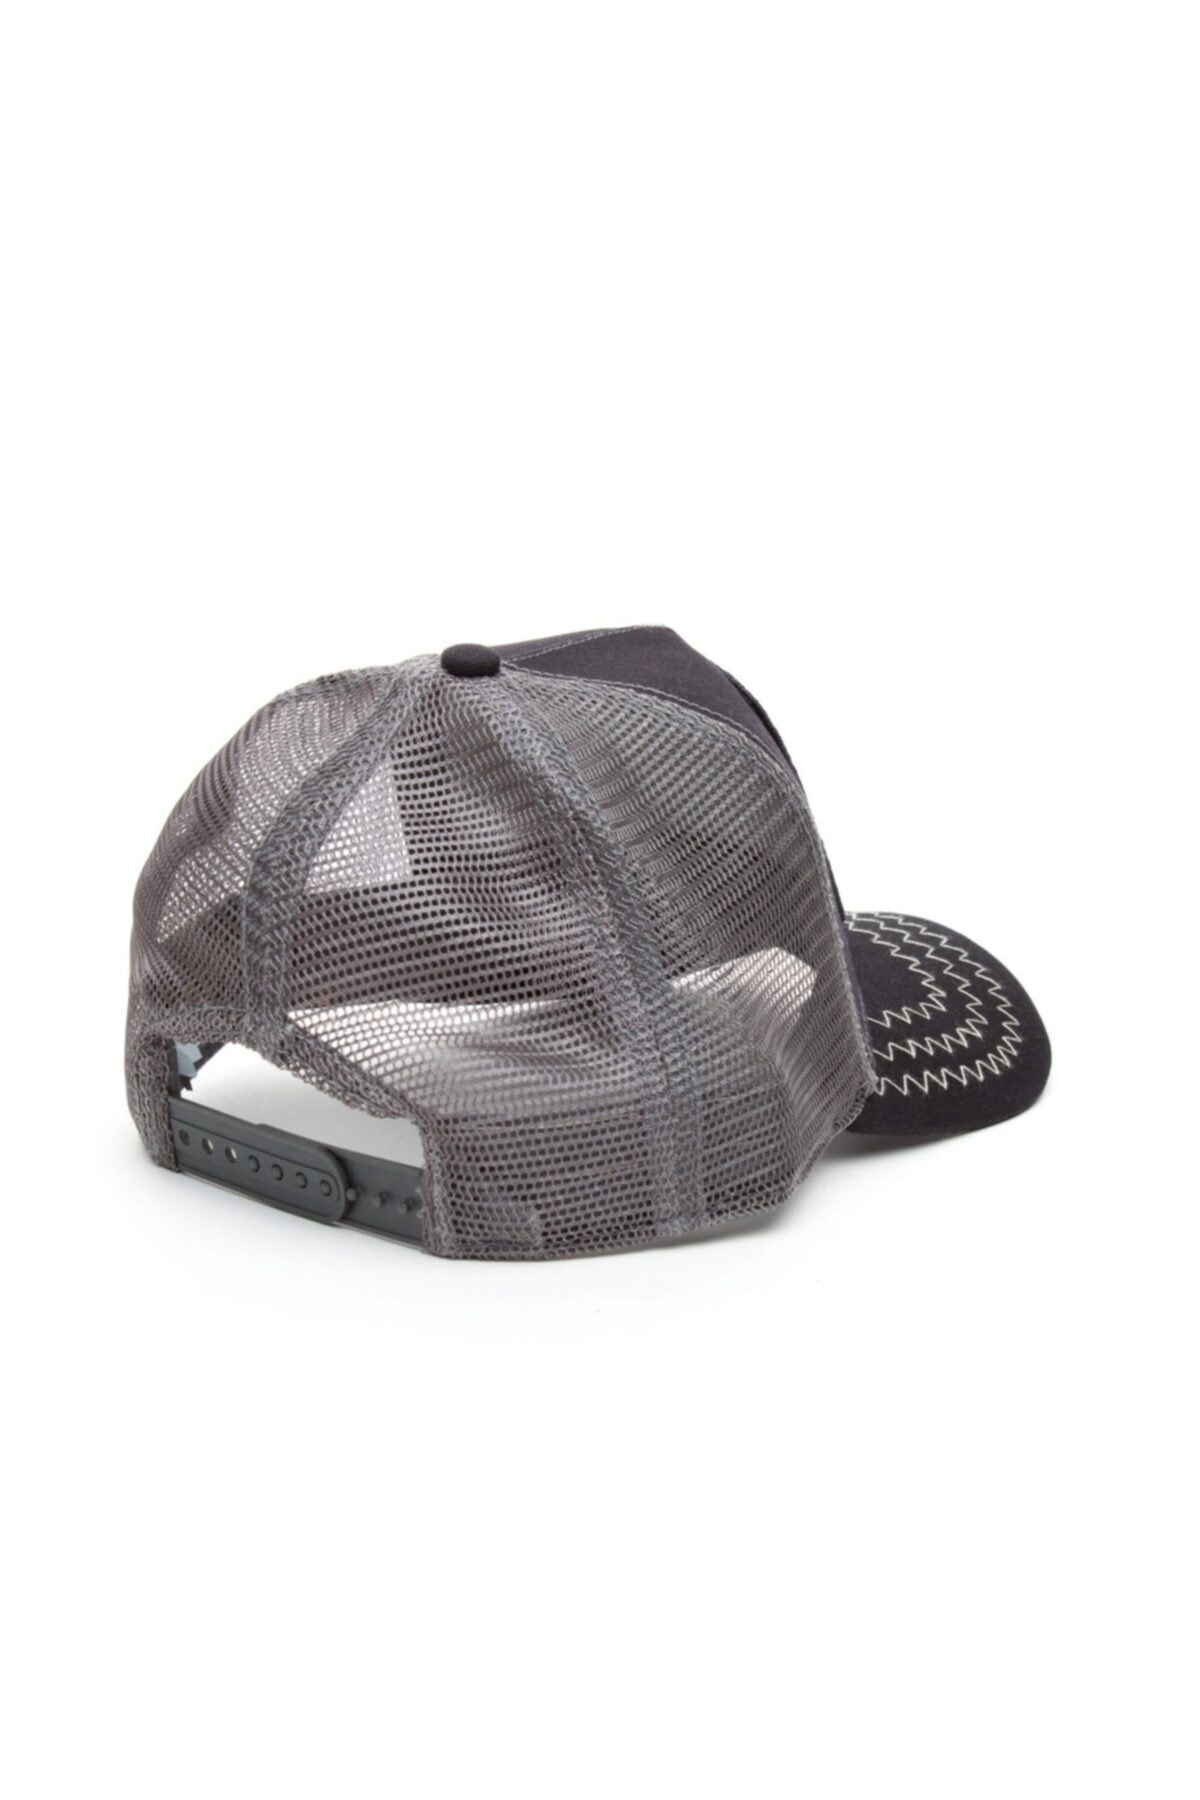 Goorin Bros Unisex Lacivert Squirrel Master Standart Şapka 101-5152 2